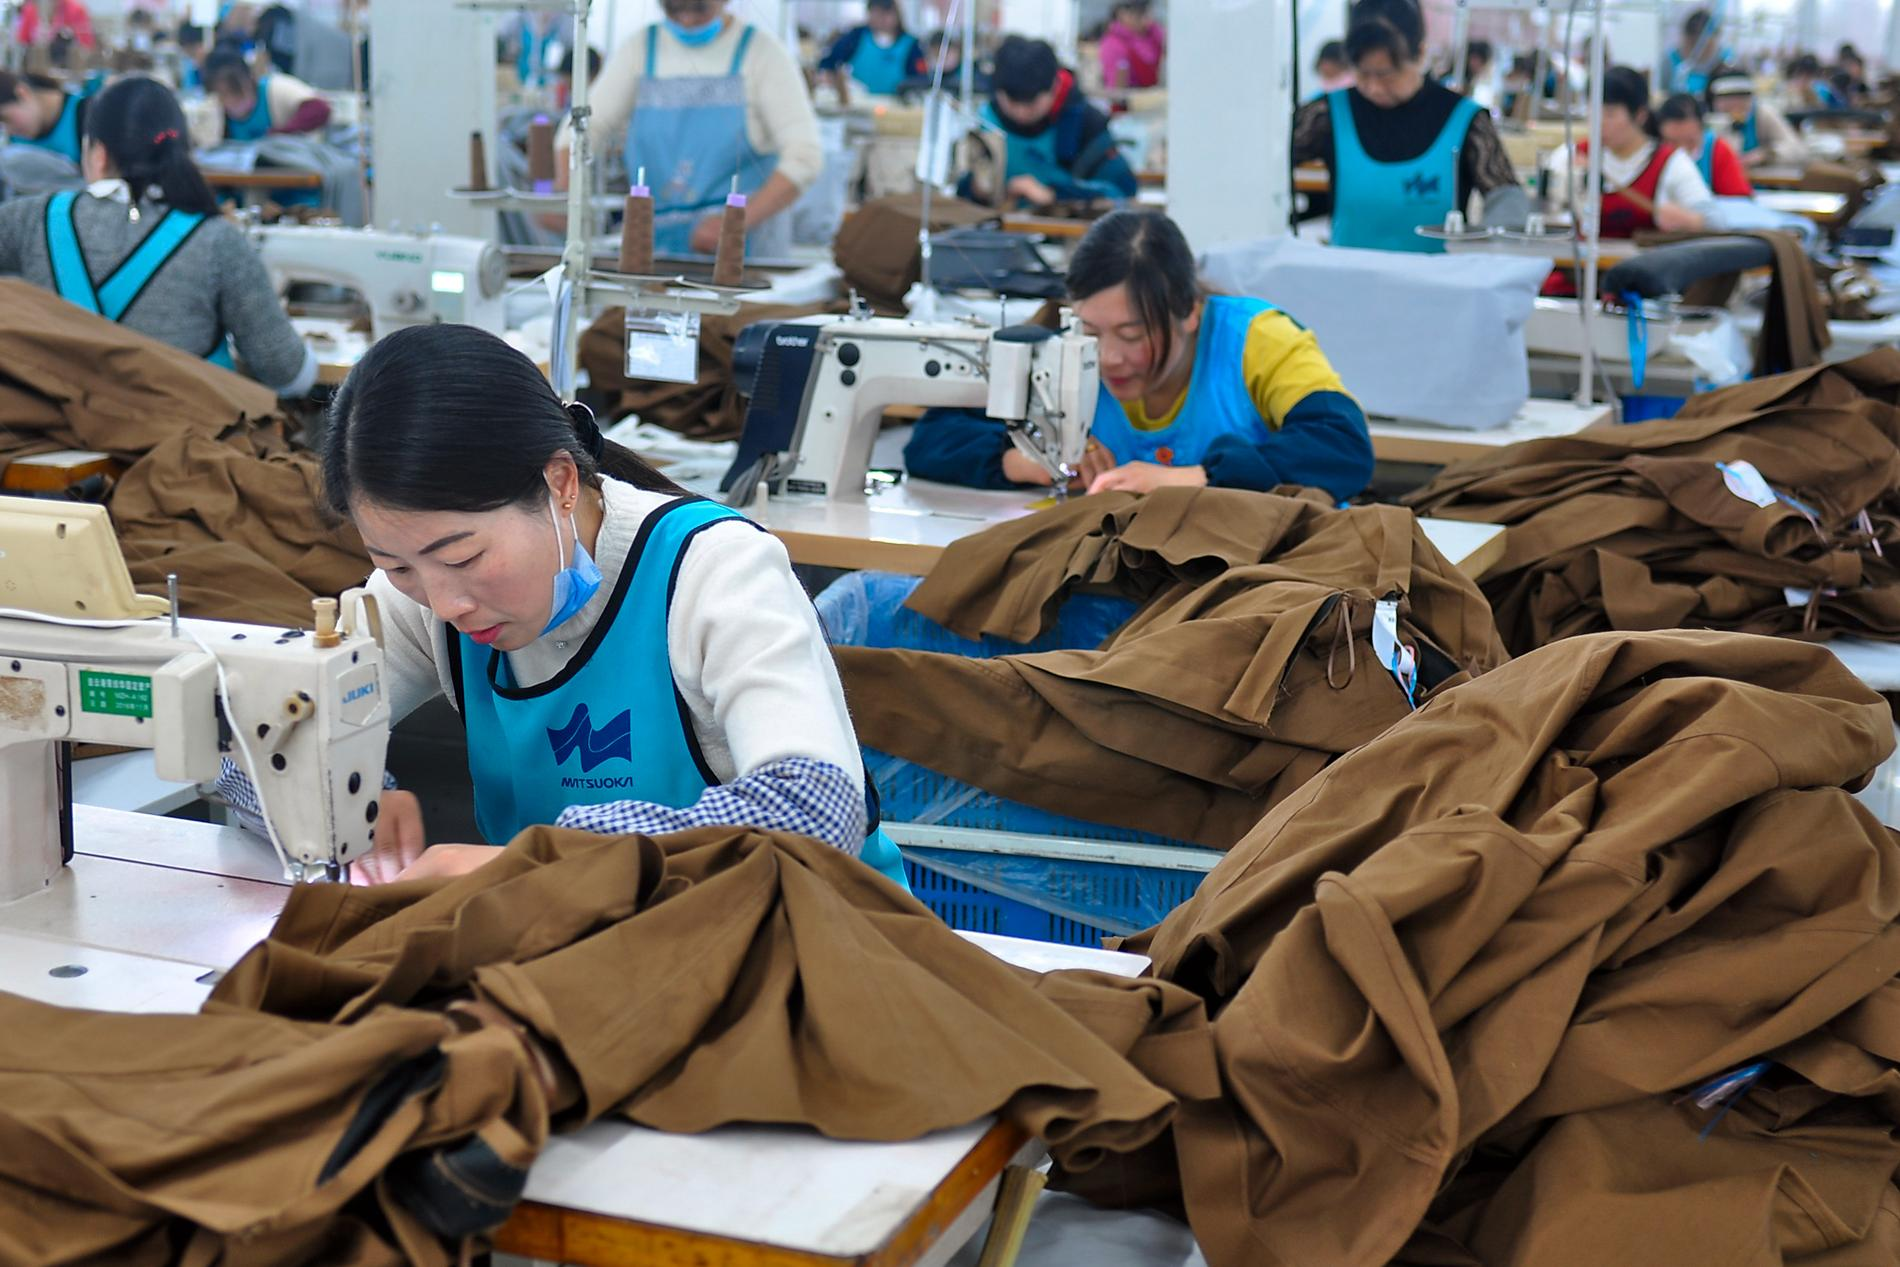 En klädfabrik i Kina som exporterar till andra länder.